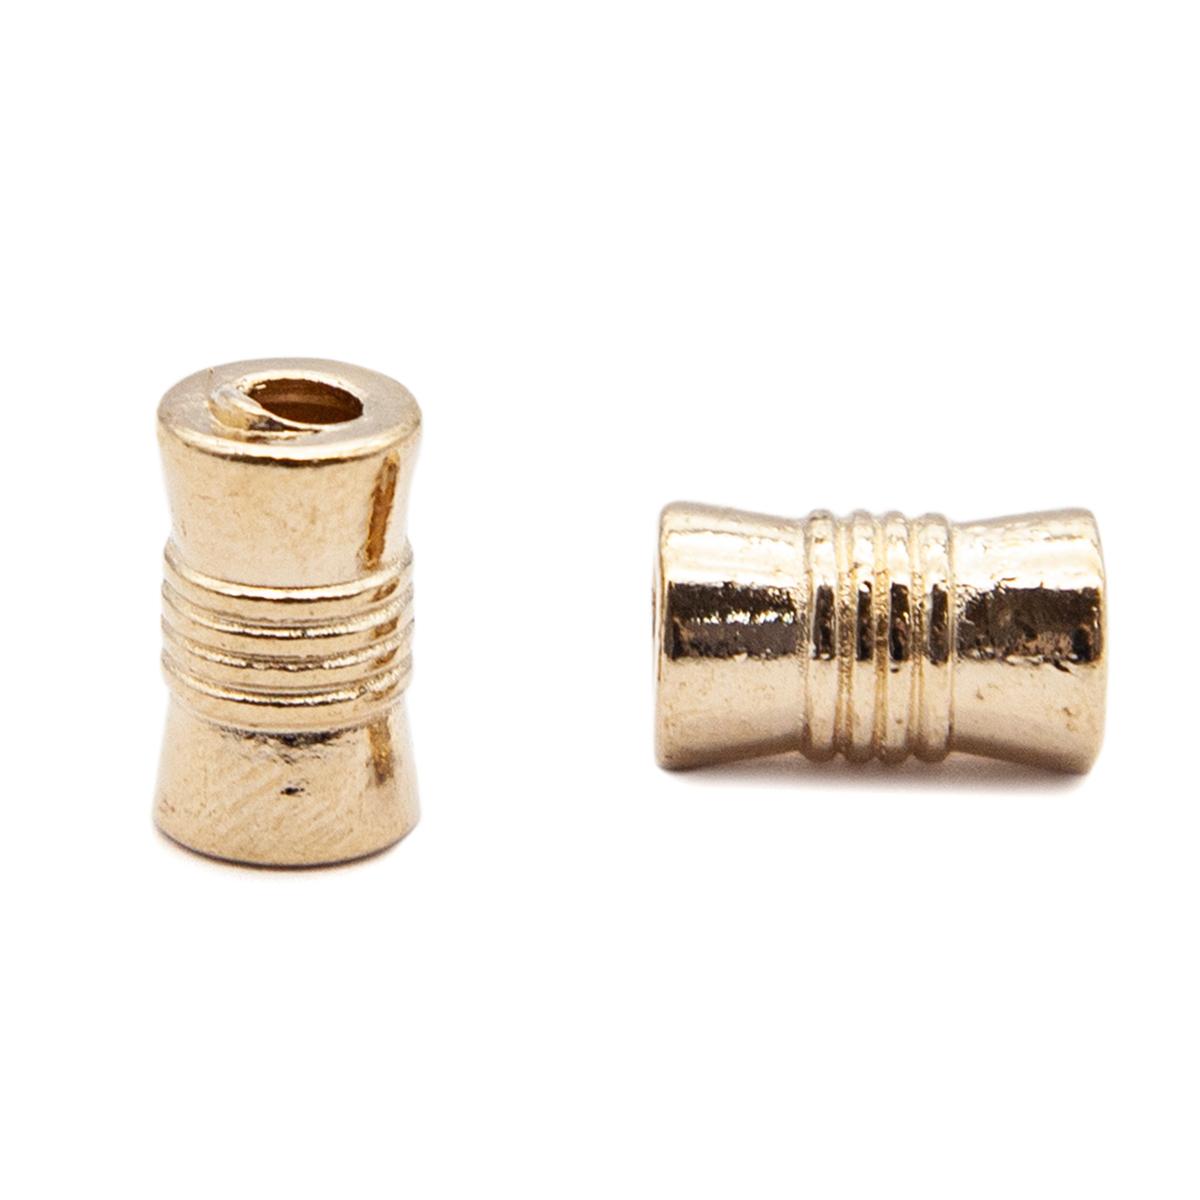 0305-5012 Наконечник 'Цилиндр' d=3/5мм, 12*7мм, металл